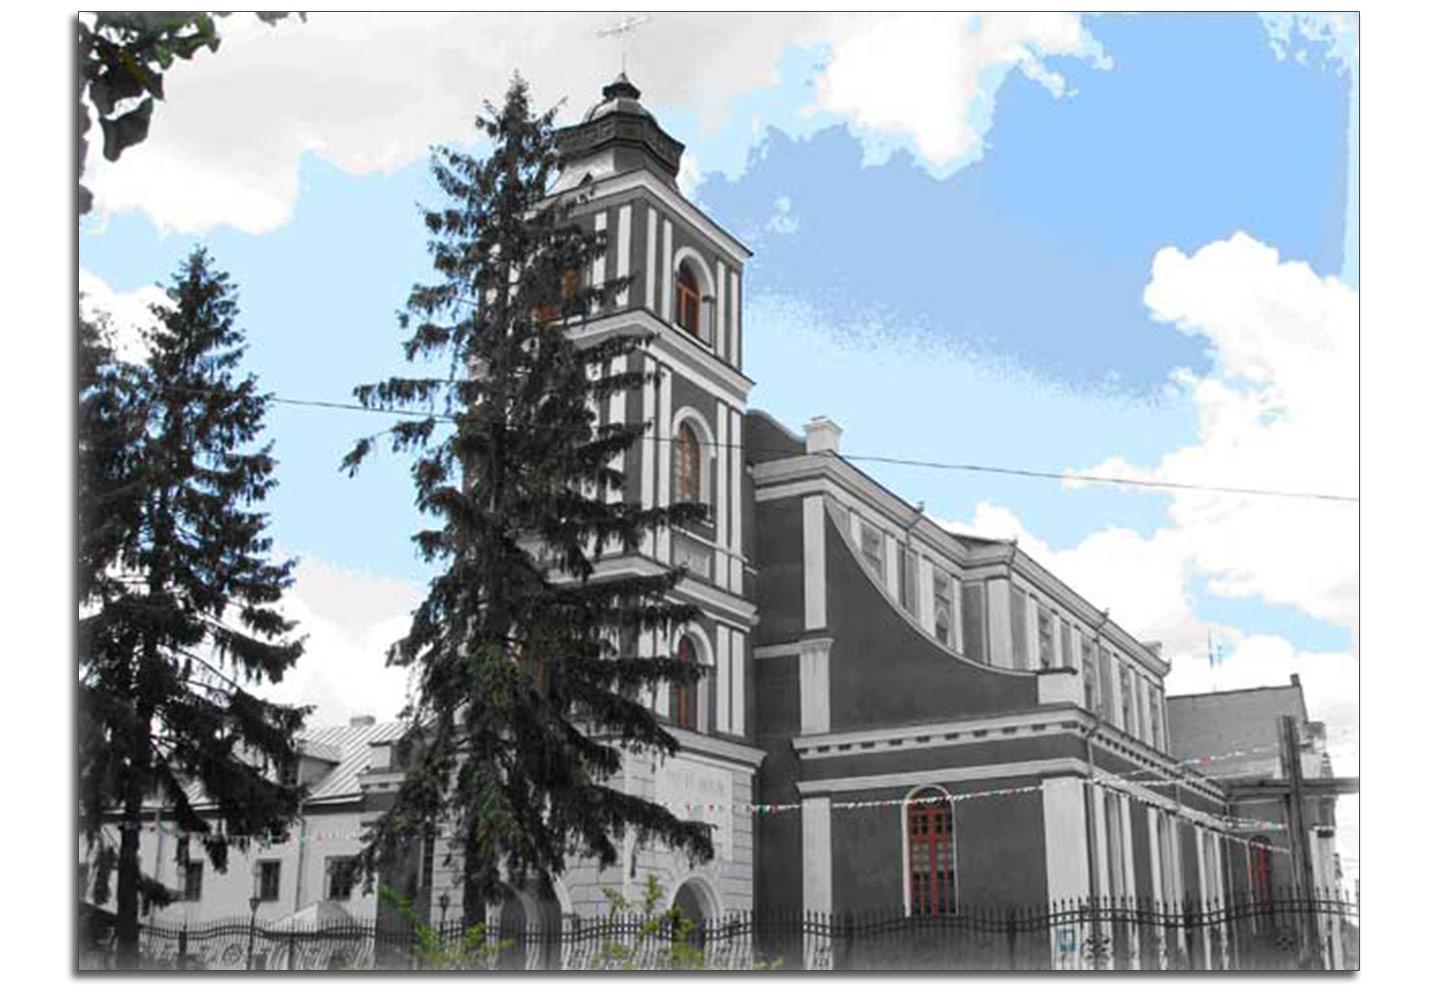 Obecny wygląd kościoła Jana z Dukli i mieszczącego sie po lewej klasztora bernardynów. Po 1991 roku wieża znalazał się z tyłu kościoła